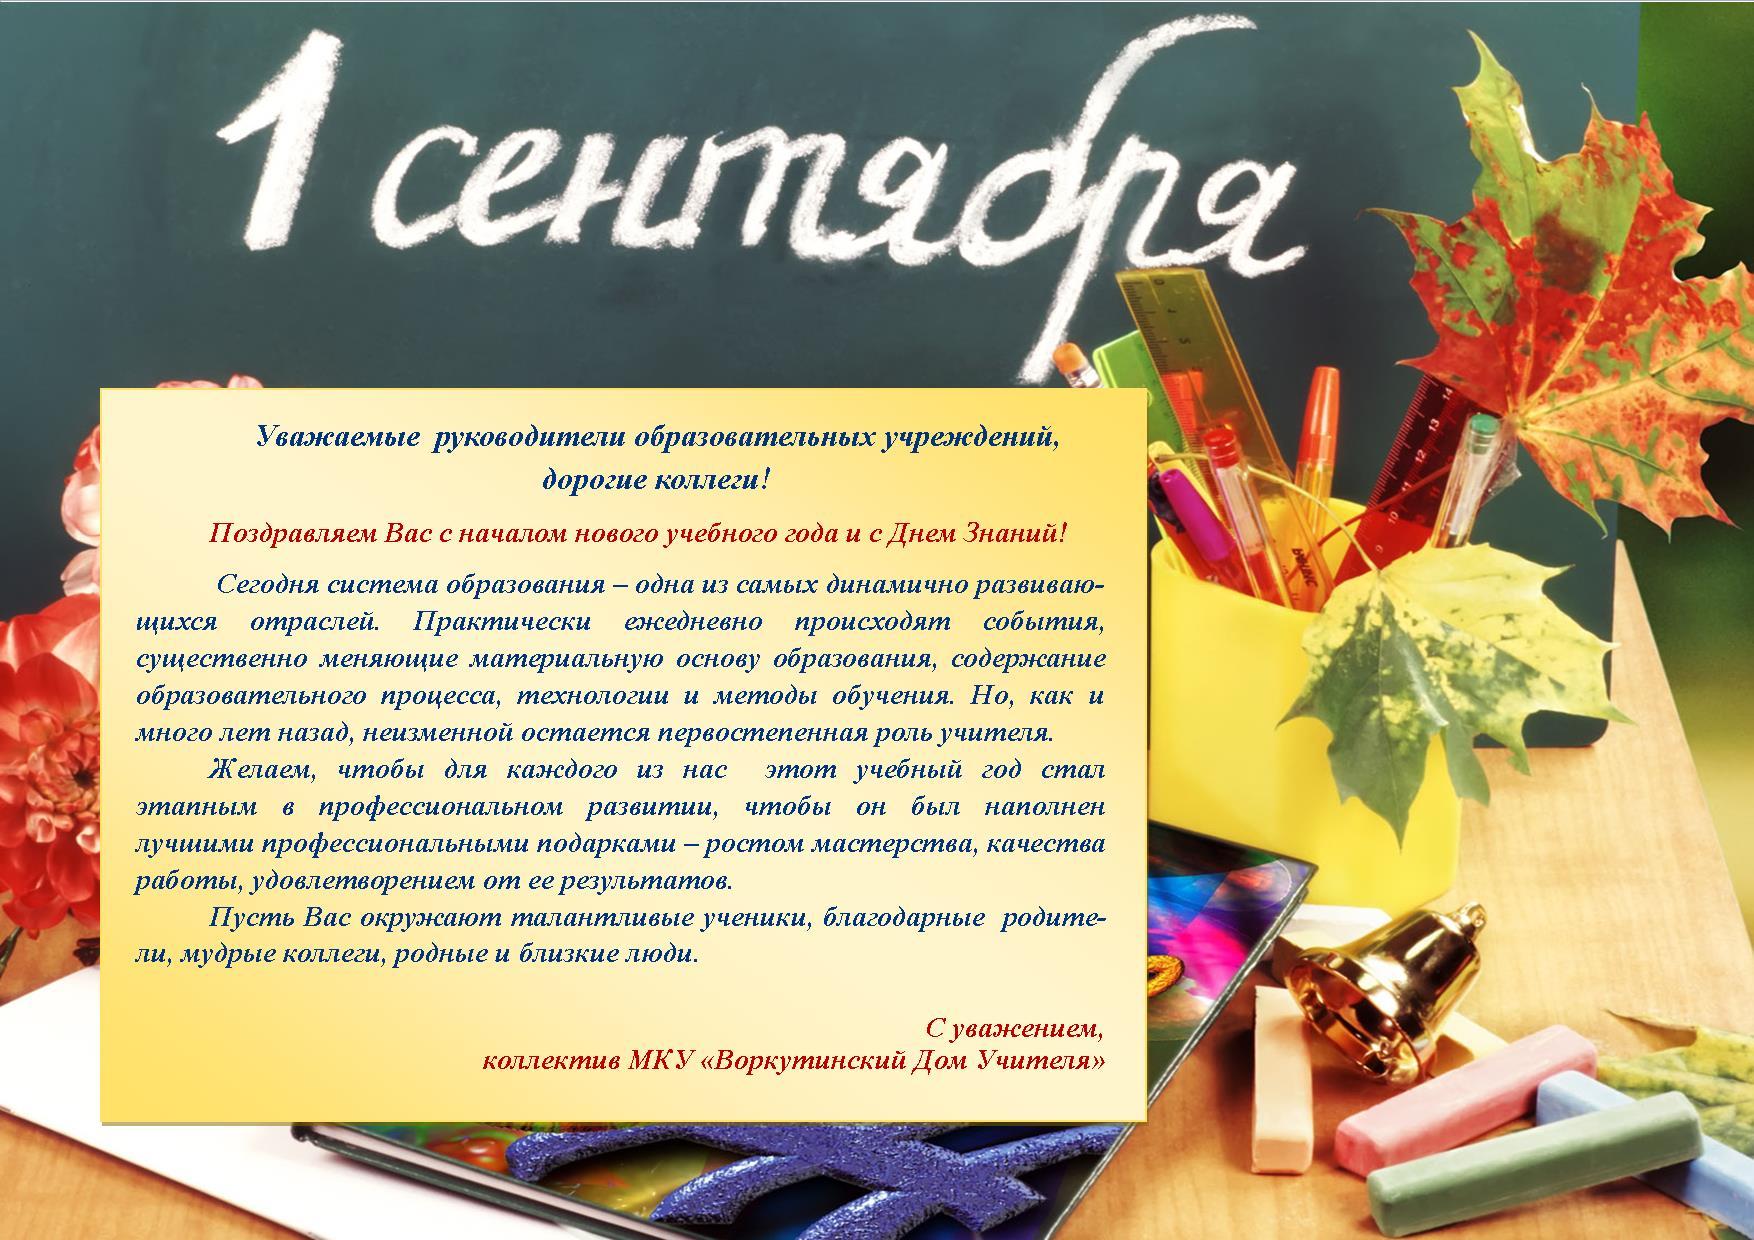 Поздравление с днем знаний Видео на Запорожском портале 5